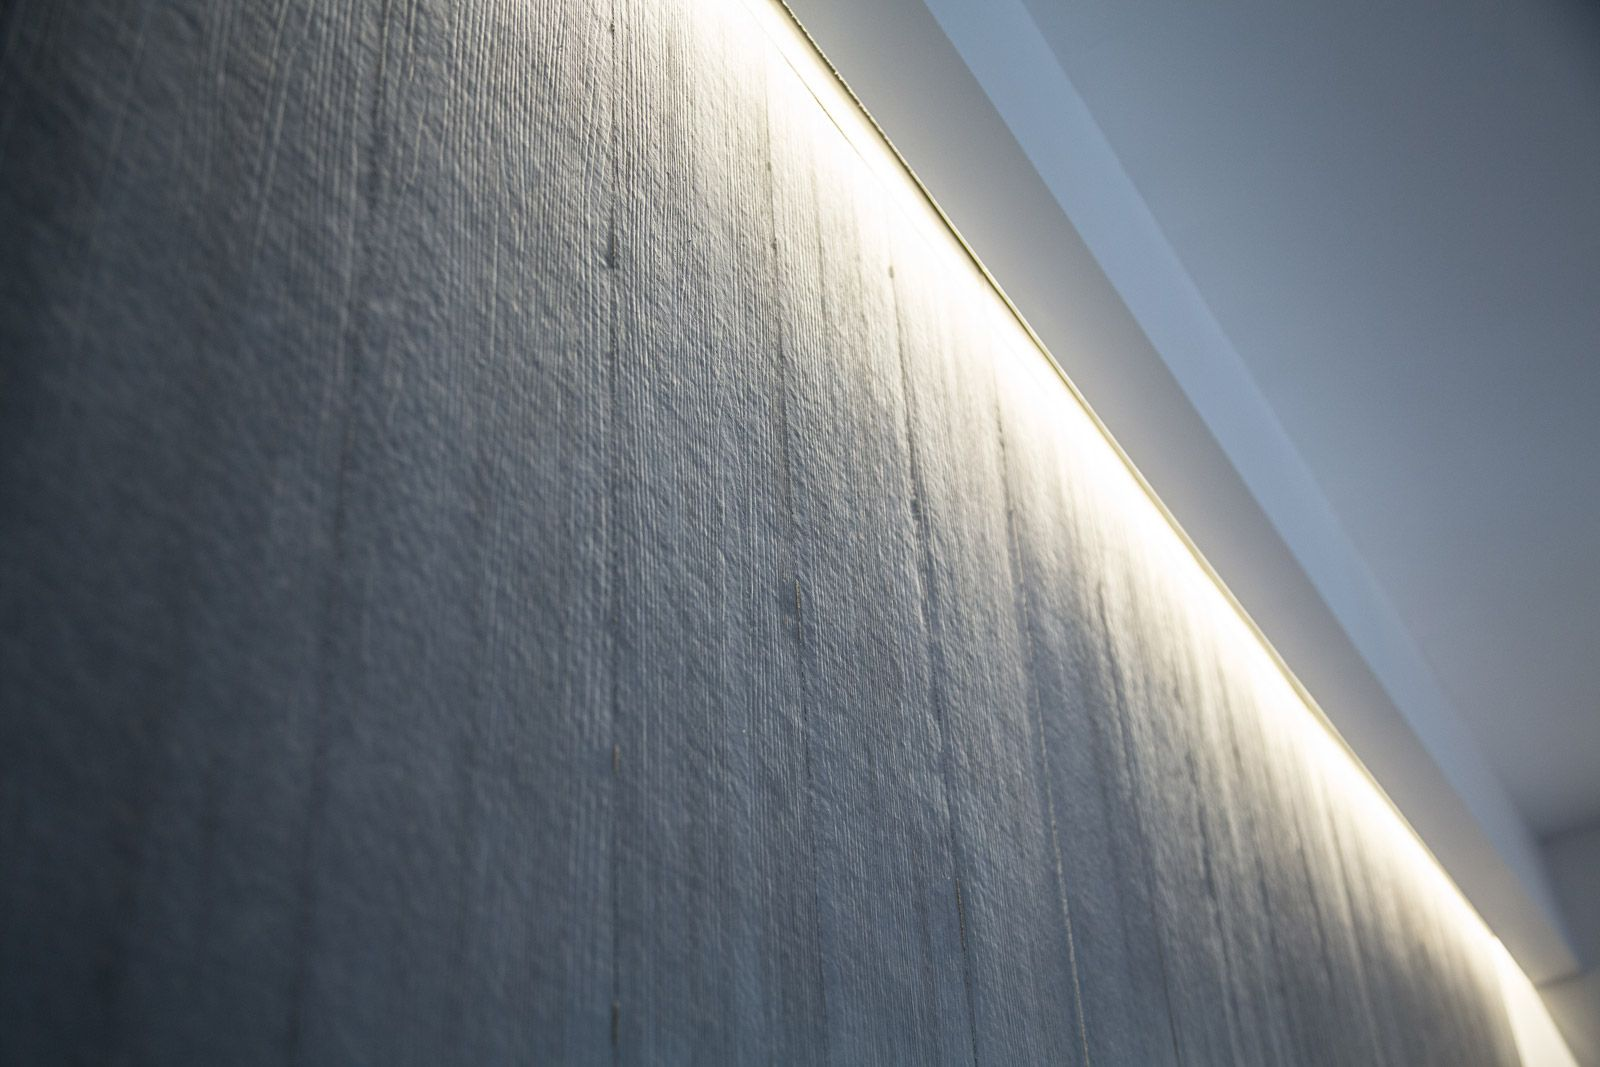 Galerie photo panneau b ton panbeton d coration mural concrete by lcda sur les murs - Beton door lcda ...